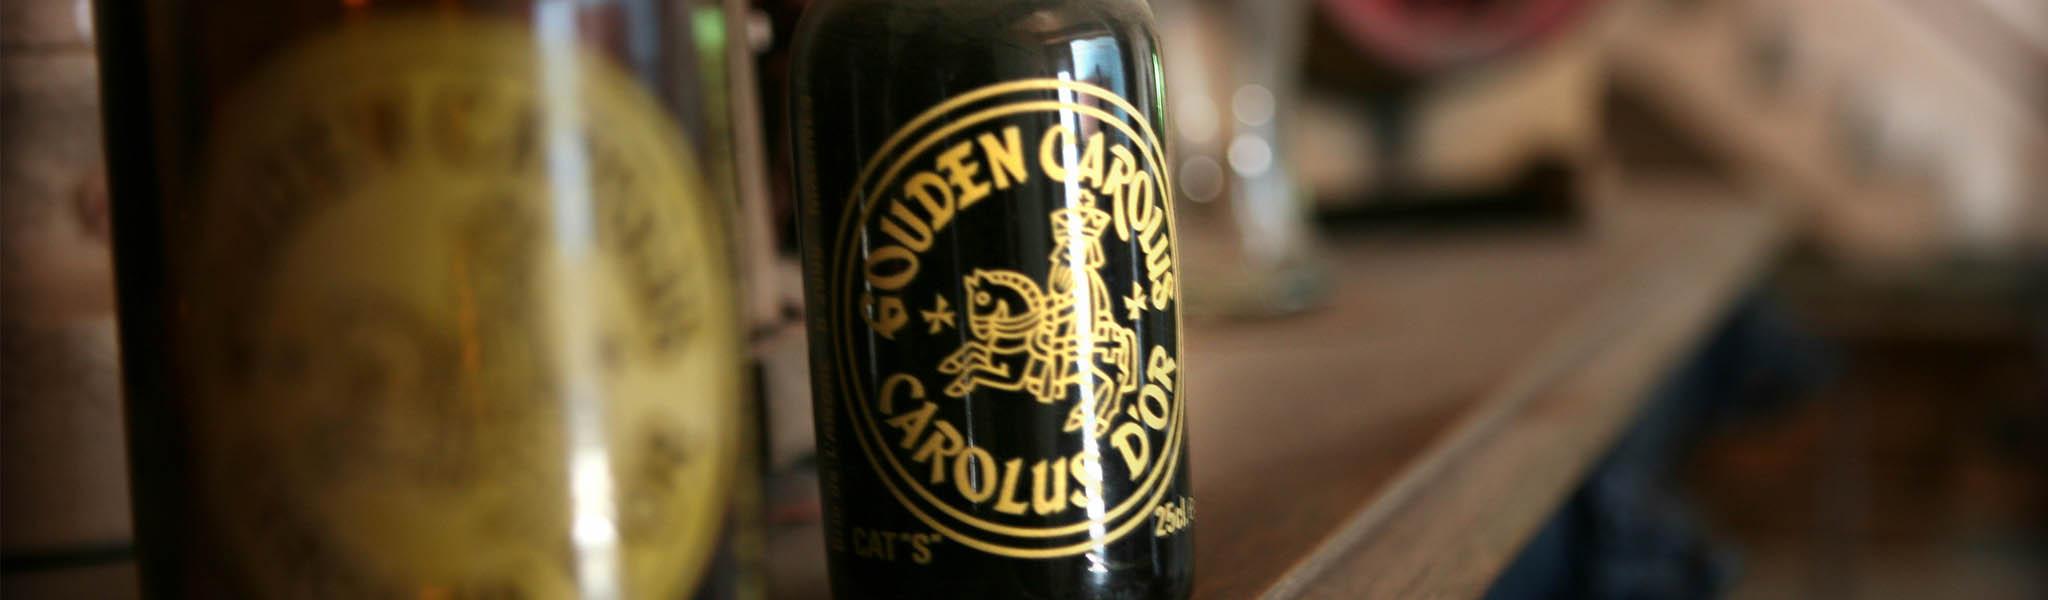 Flesje Gouden Carolus 1958